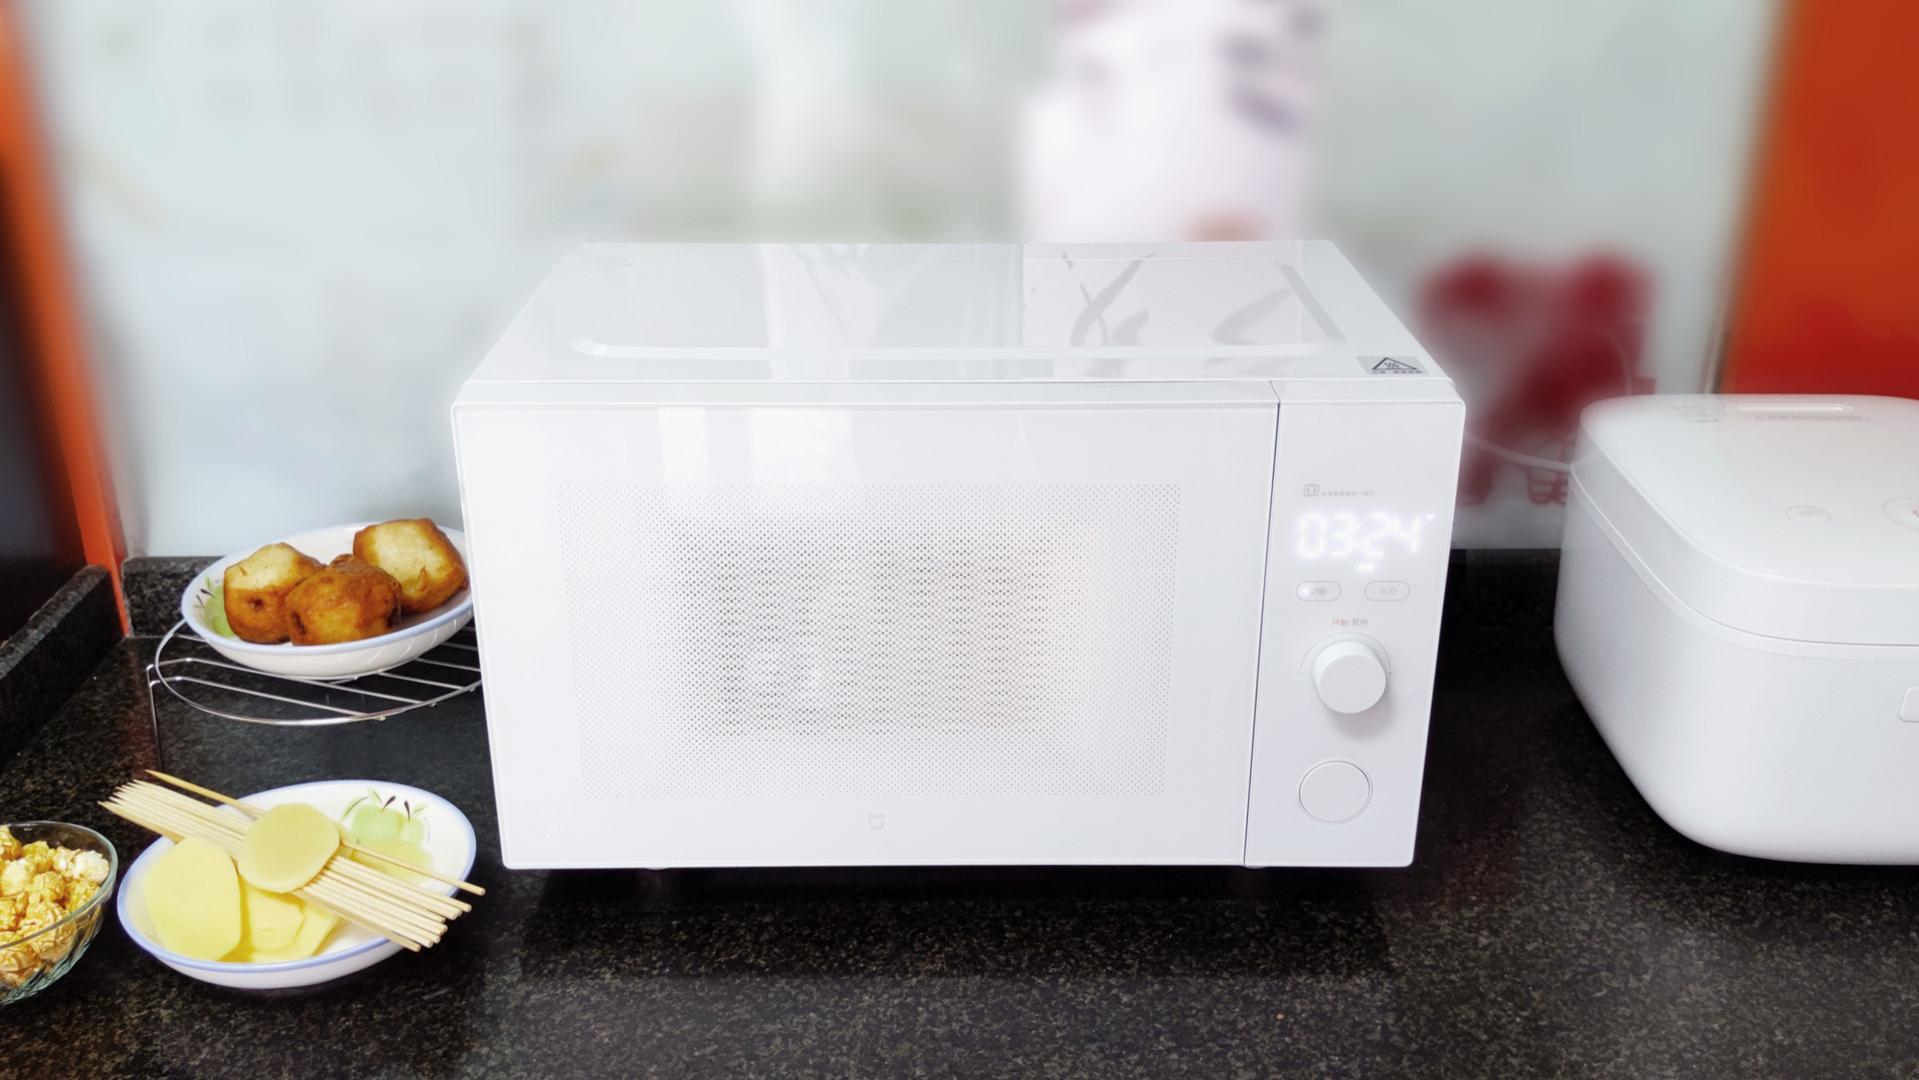 厨房减负行动,米家智能微烤一体机评测,微波+烤箱+除菌三者合一